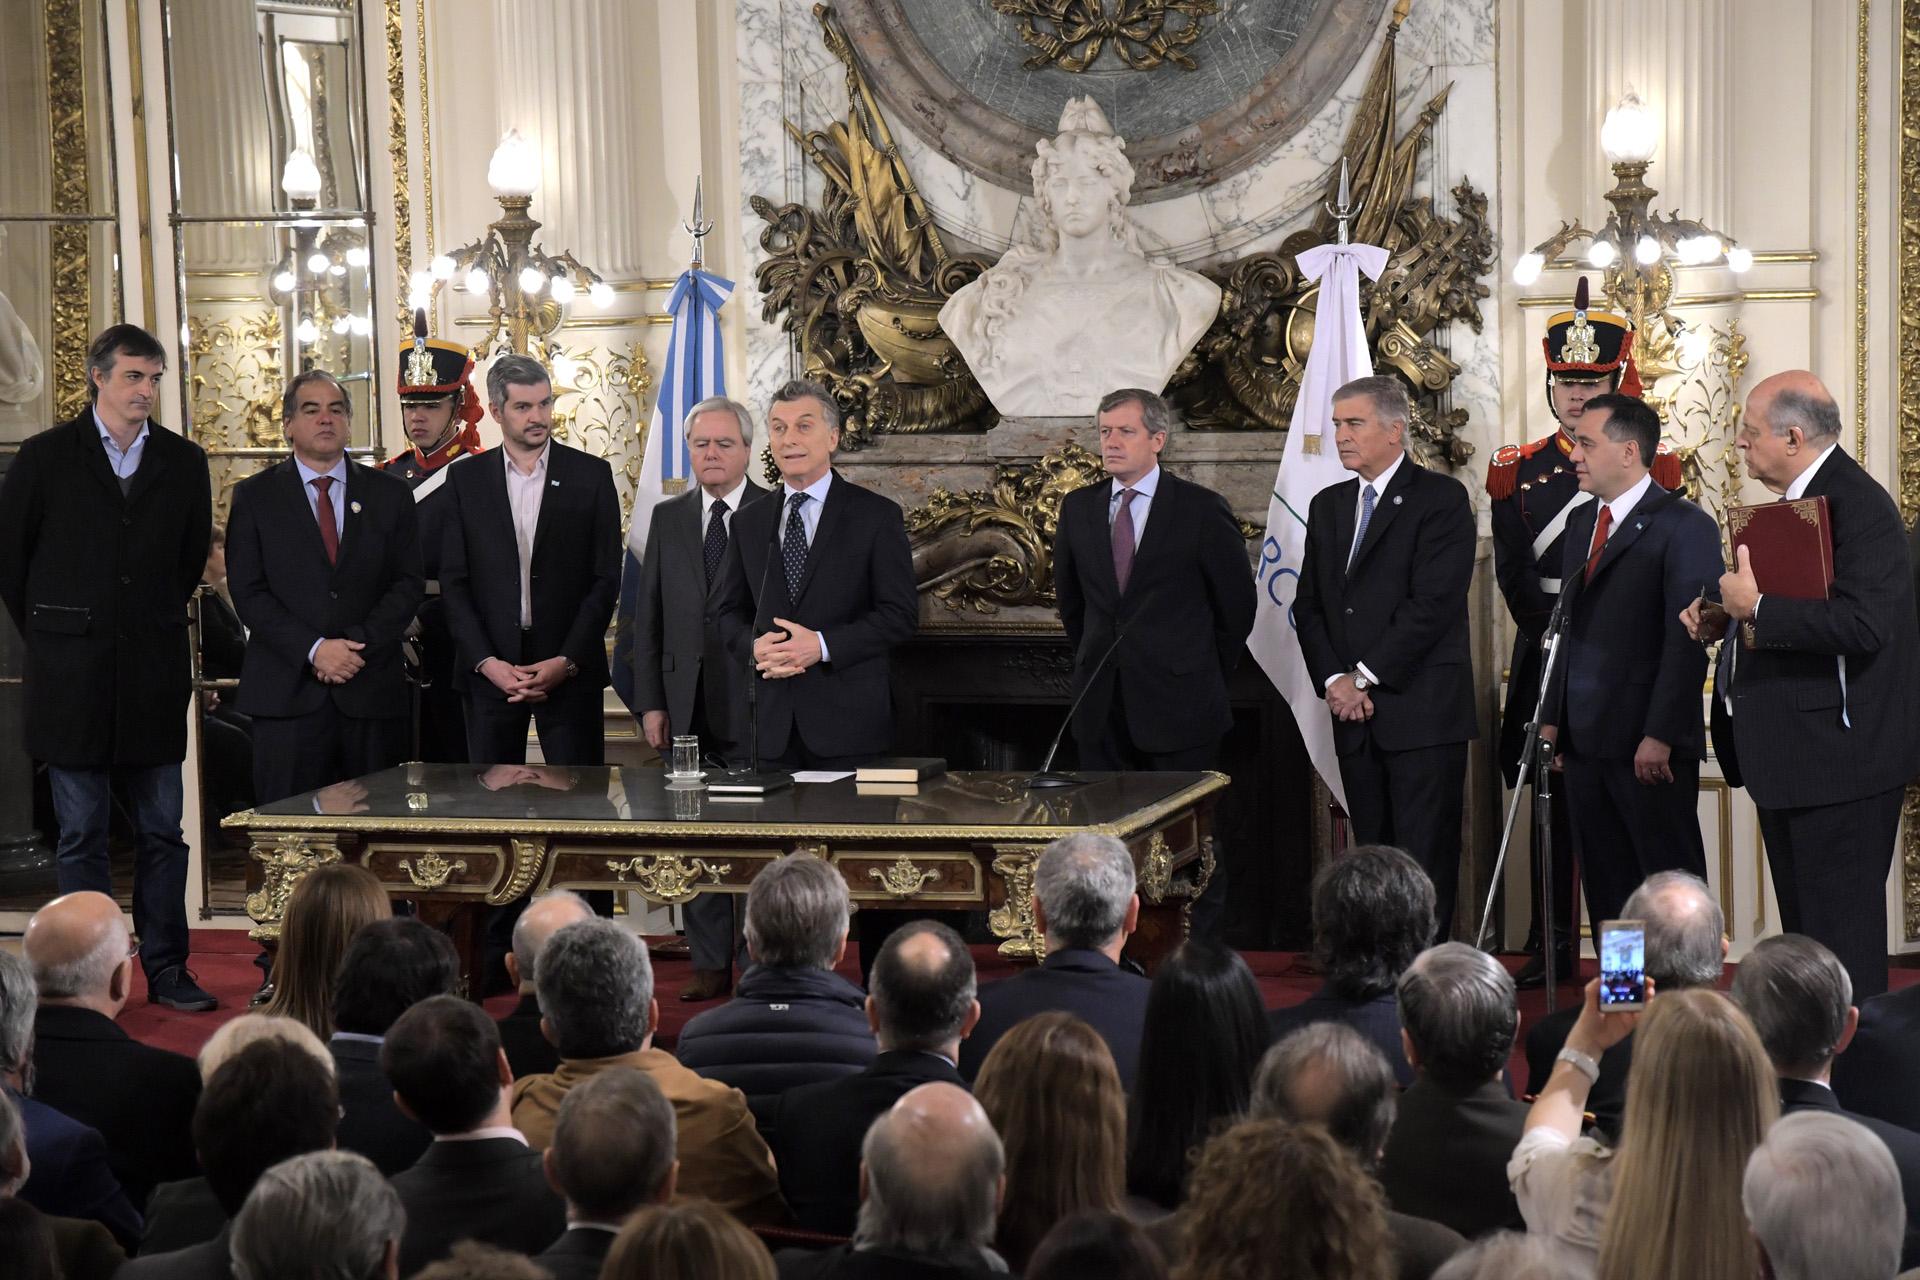 El presidente, Mauricio Macri, tomó juramento y puso en funciones a los nuevos ministros de Educación, Alejandro Finocchiaro, y de Defensa, Oscar Aguad, en una ceremonia que se realizó esta mañana en el Salón Blanco de la Casa de Gobierno